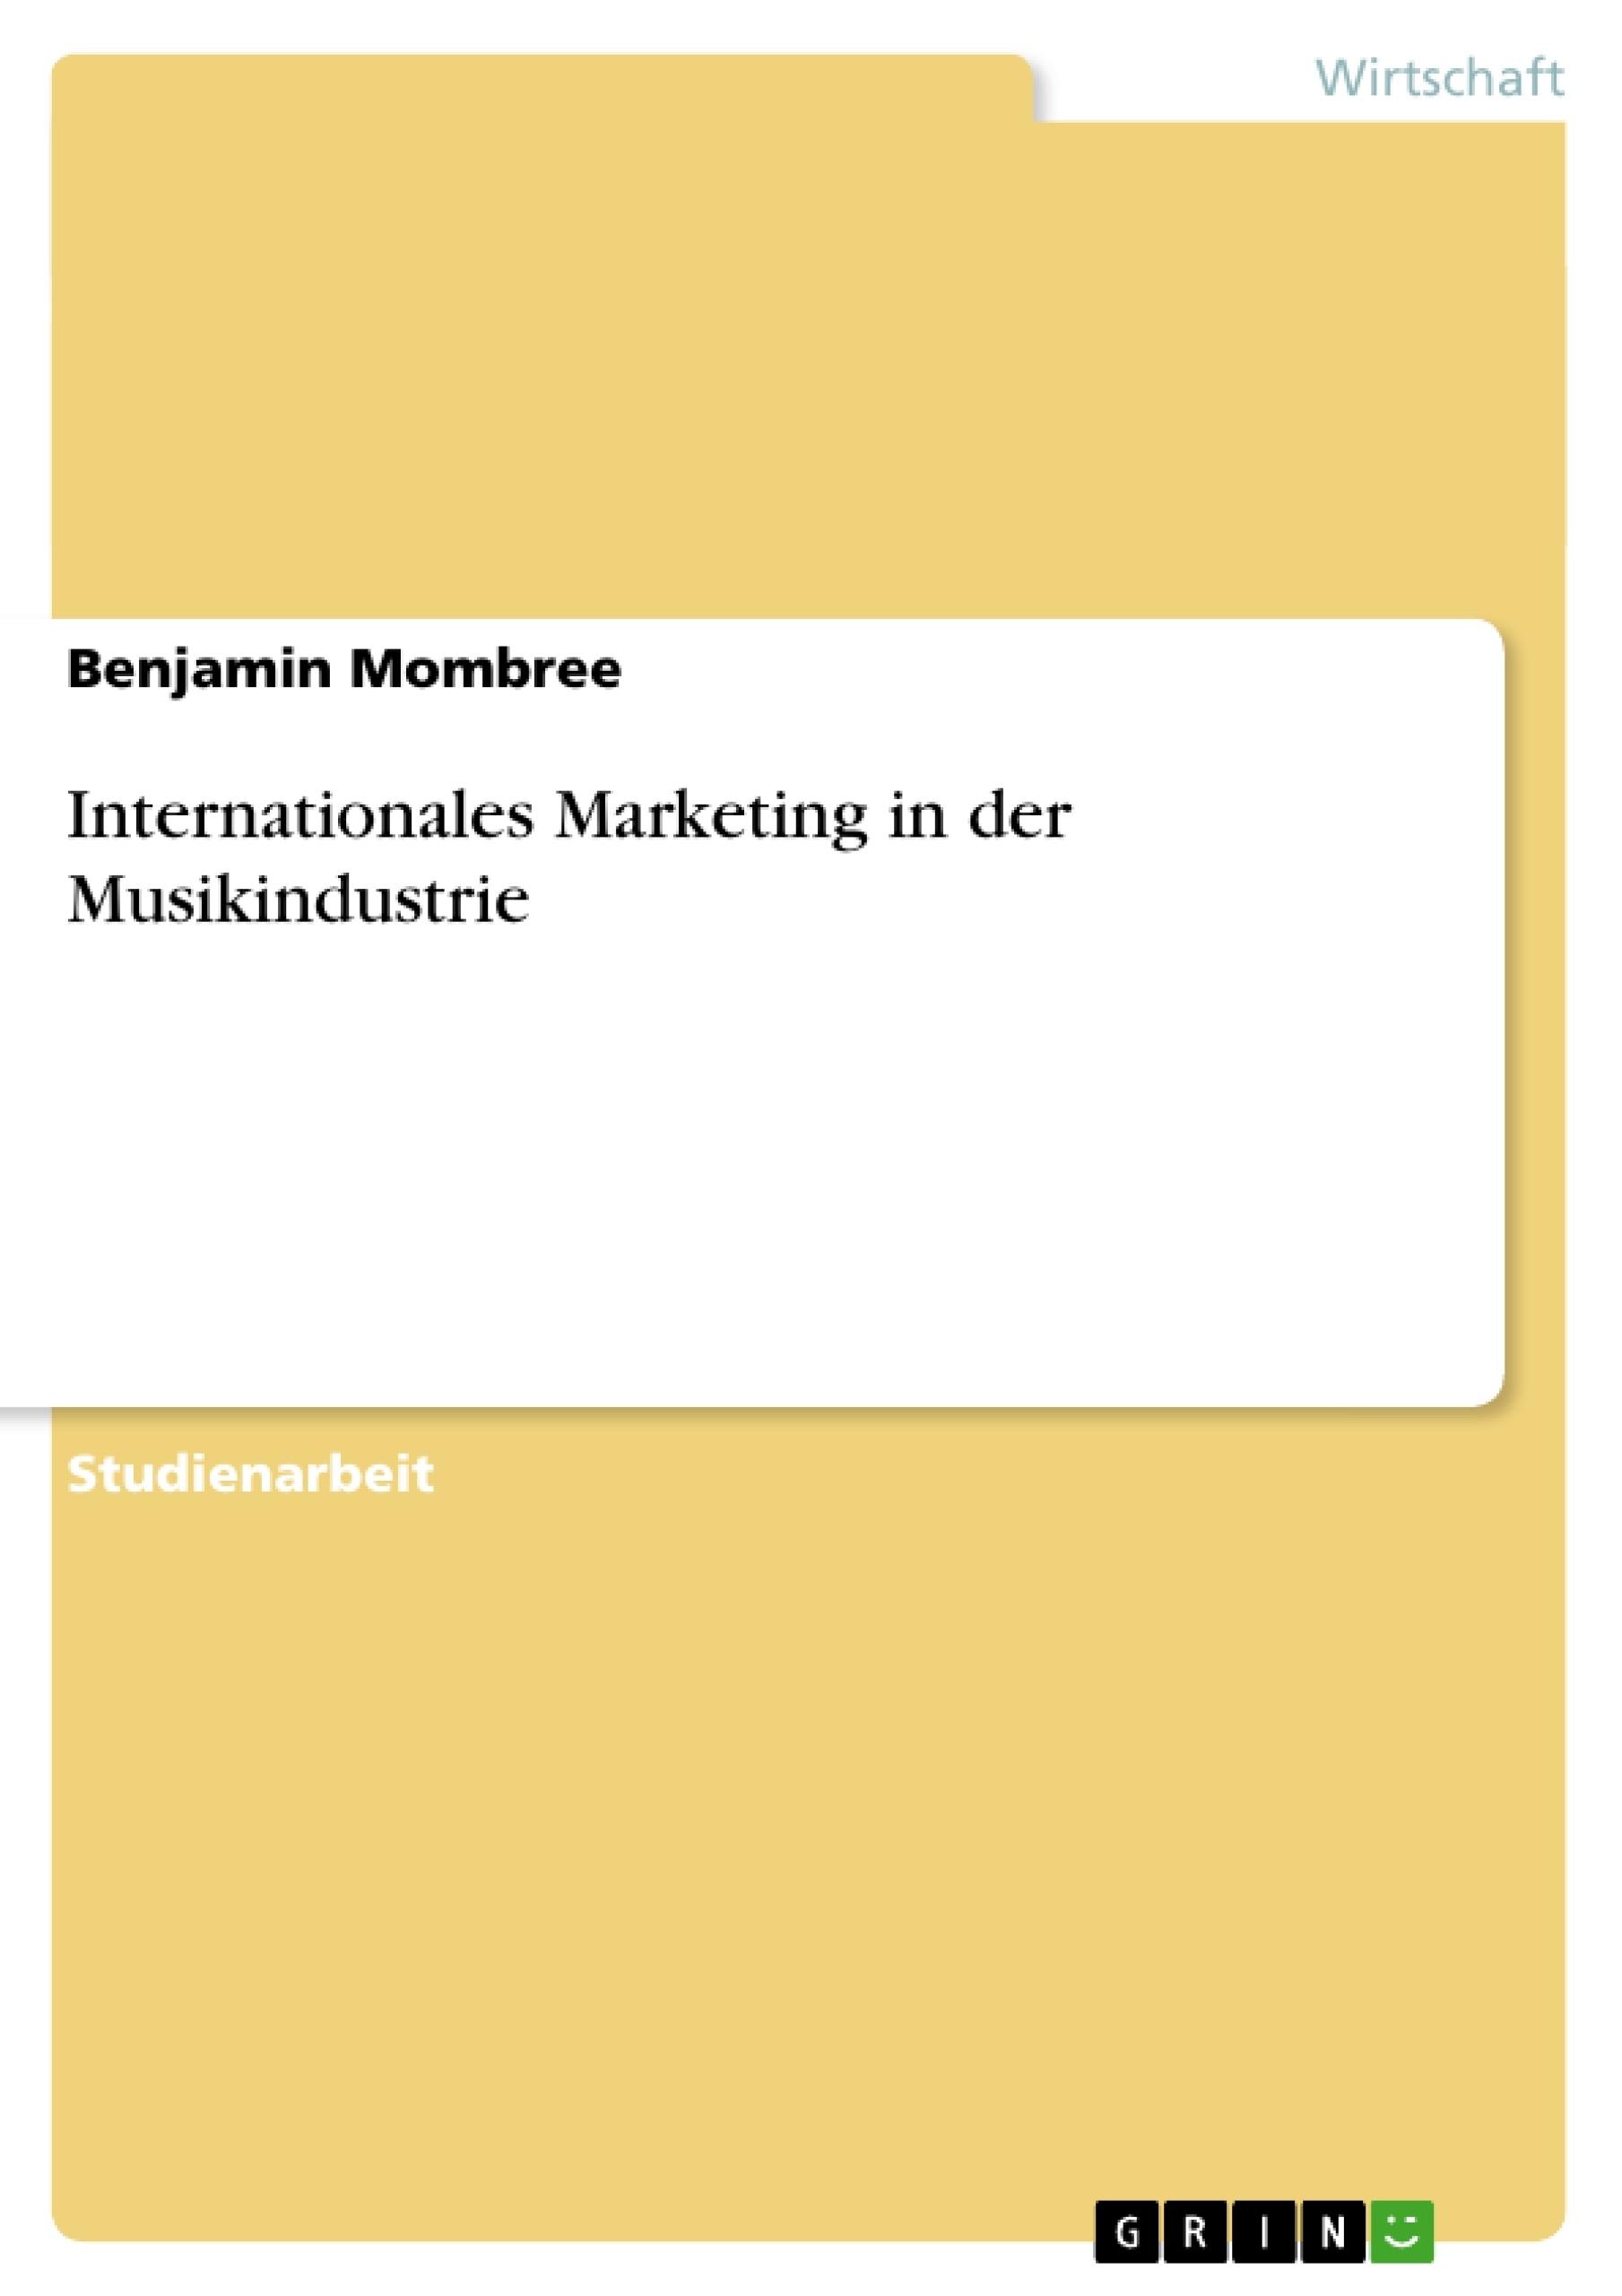 Titel: Internationales Marketing in der Musikindustrie